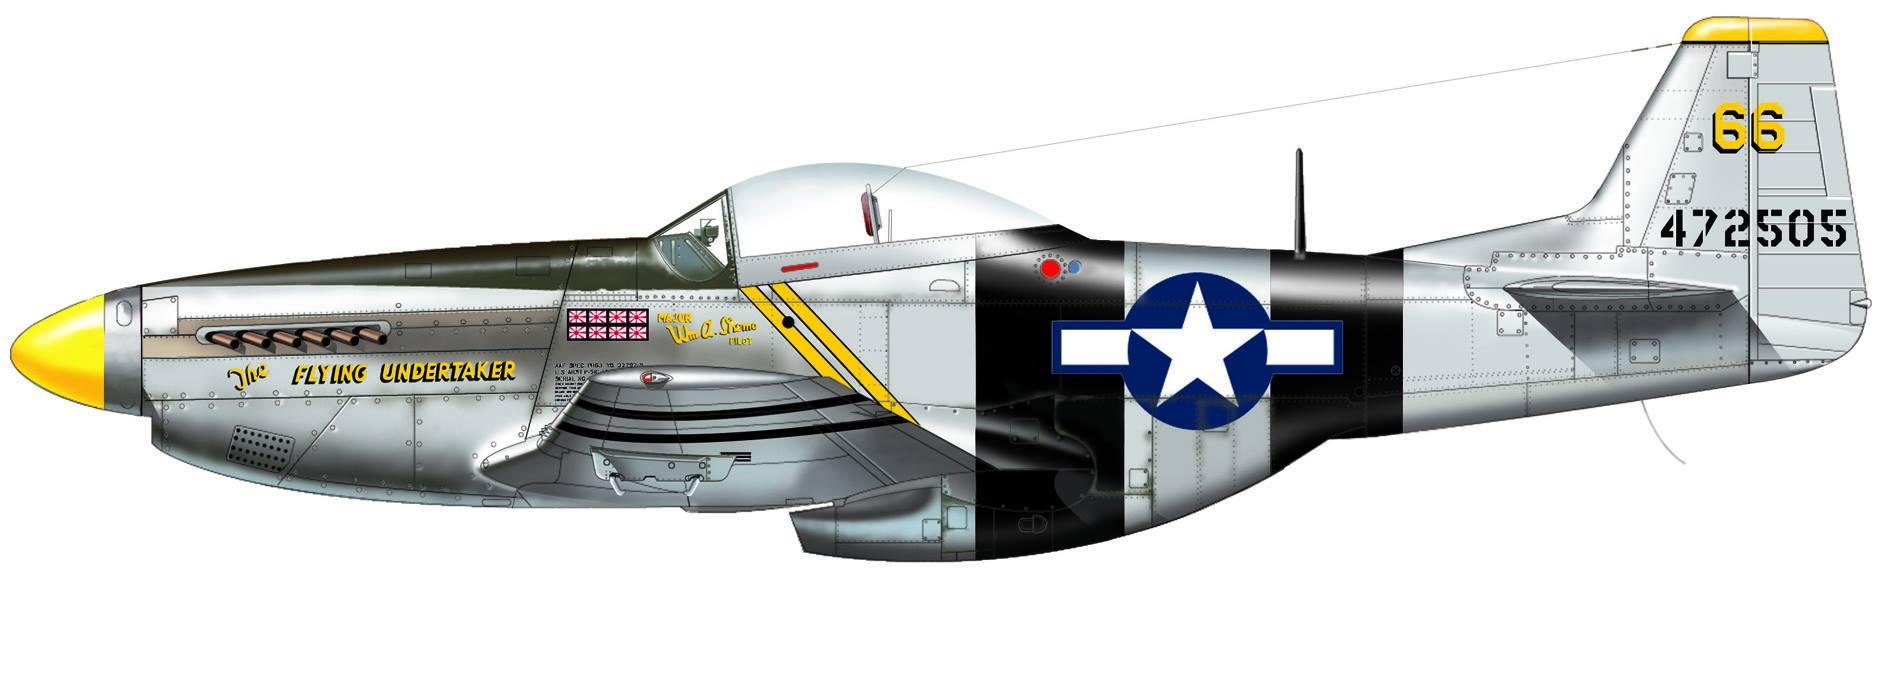 P-51 Pacific Aces 01